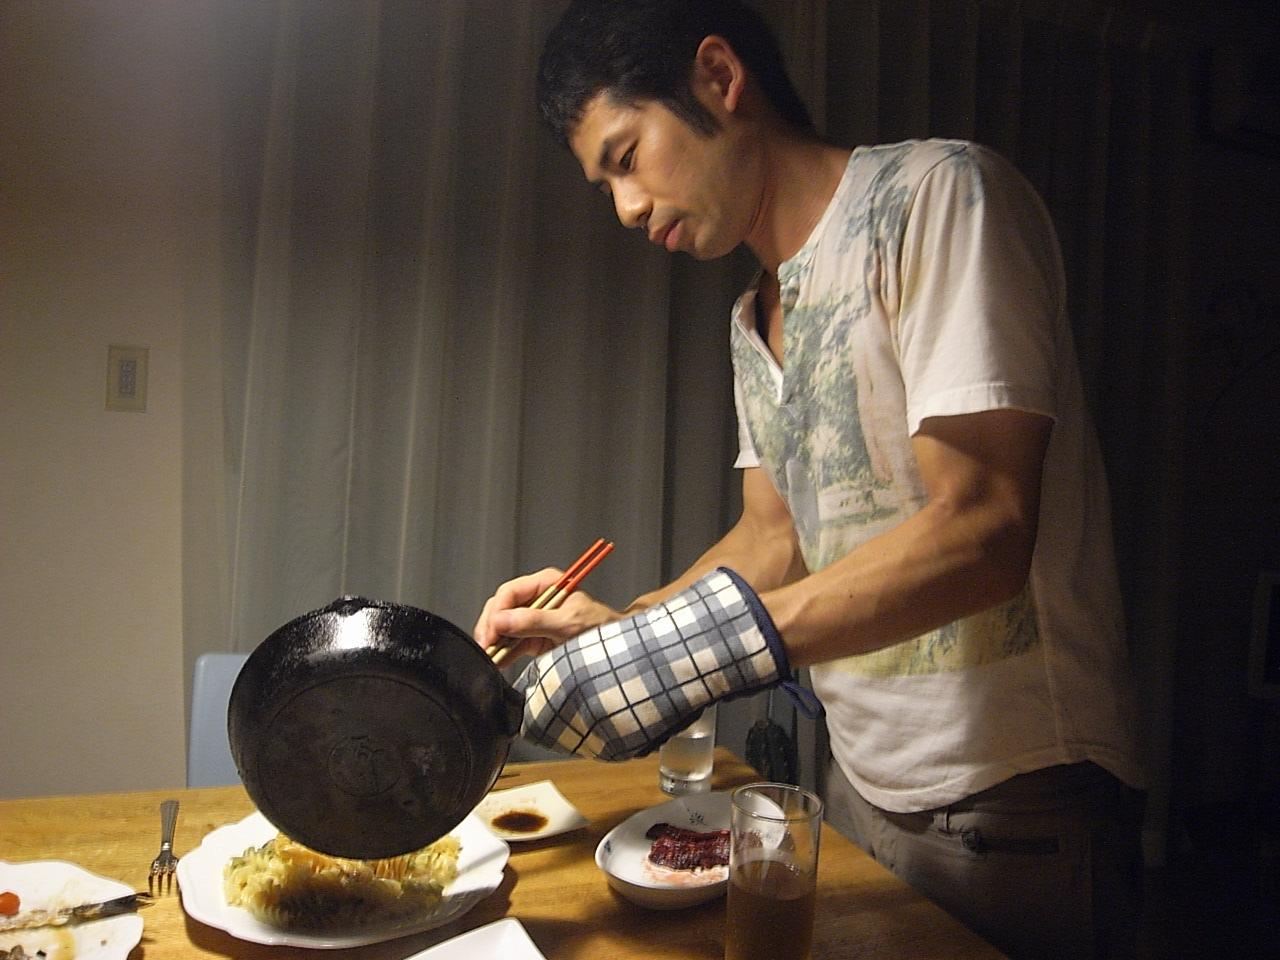 夕飯はいさきのソテーとムール貝の入ったショートパスタ。_e0230090_22325214.jpg